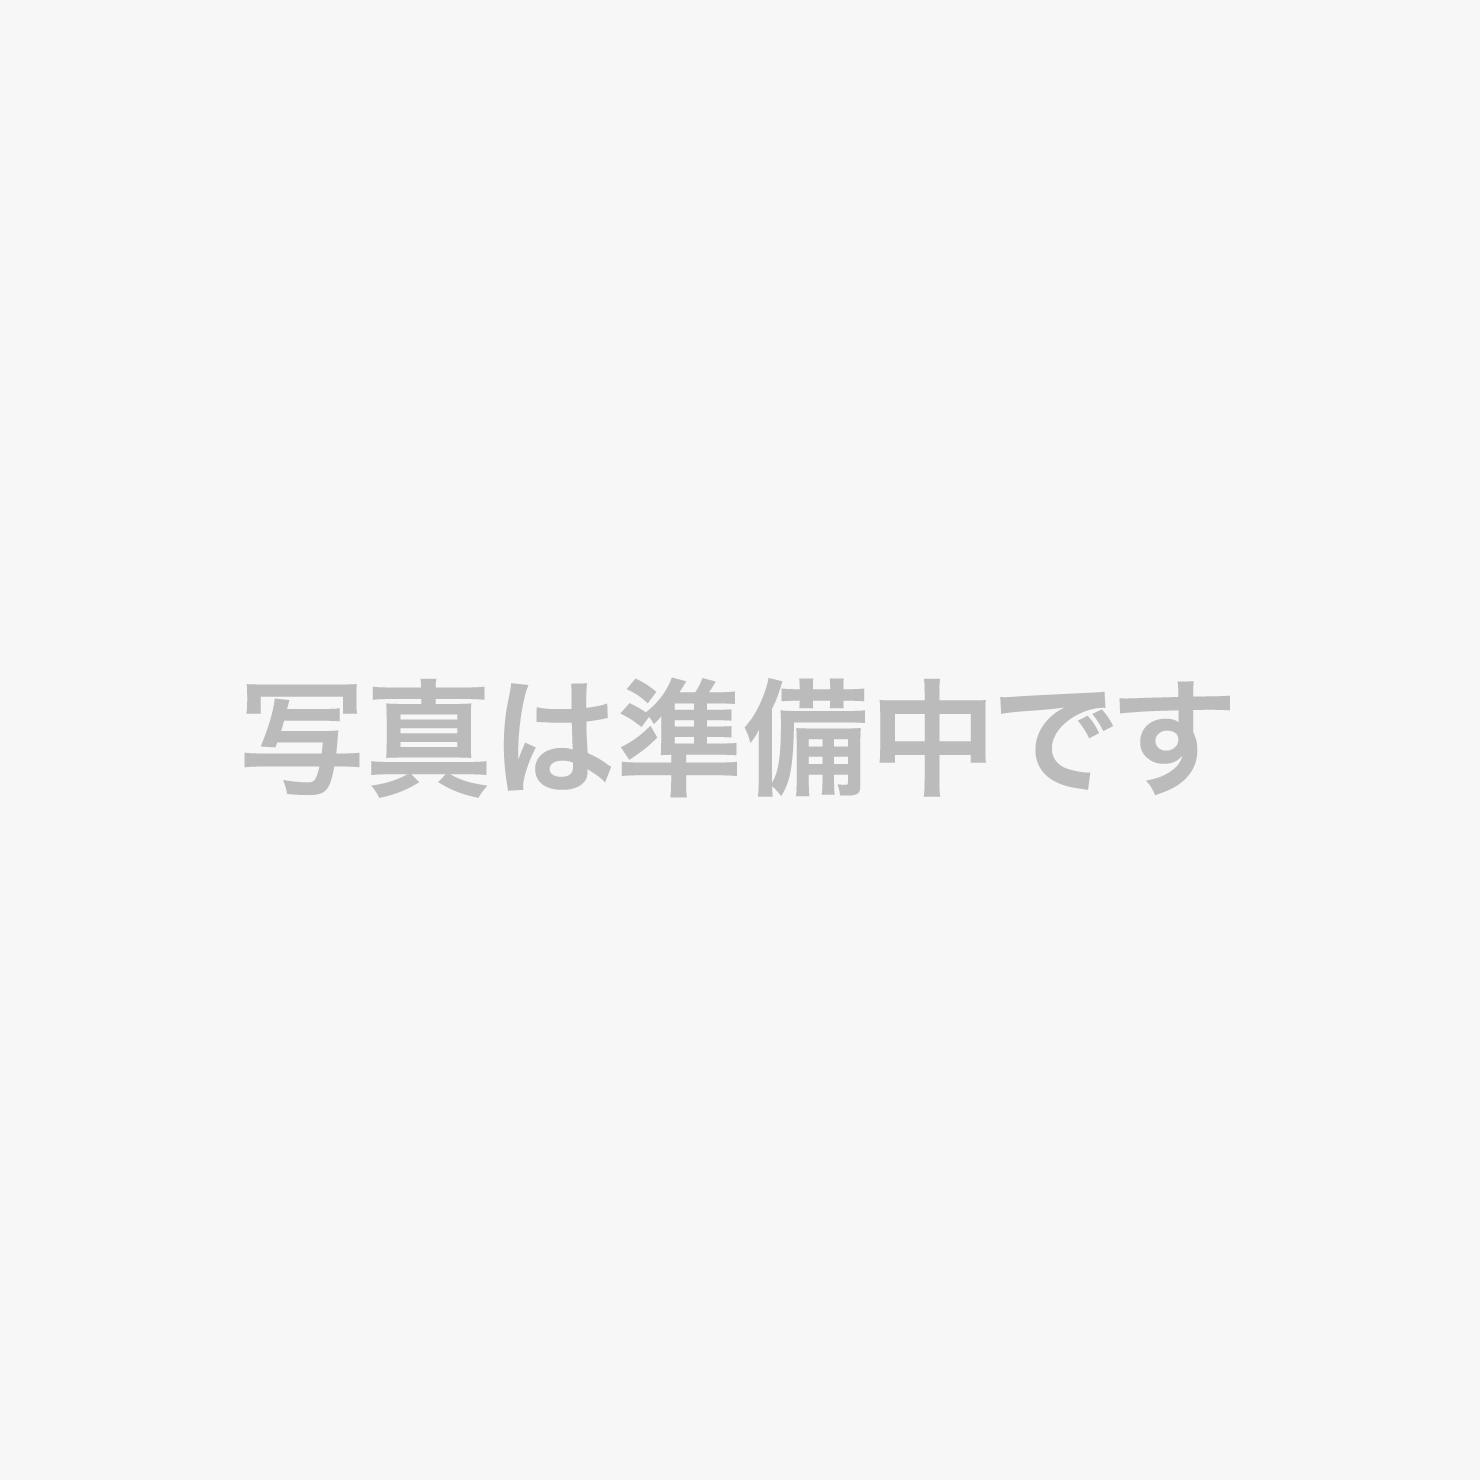 2020秋 旬の松茸・秋刀魚と秋野菜フェア